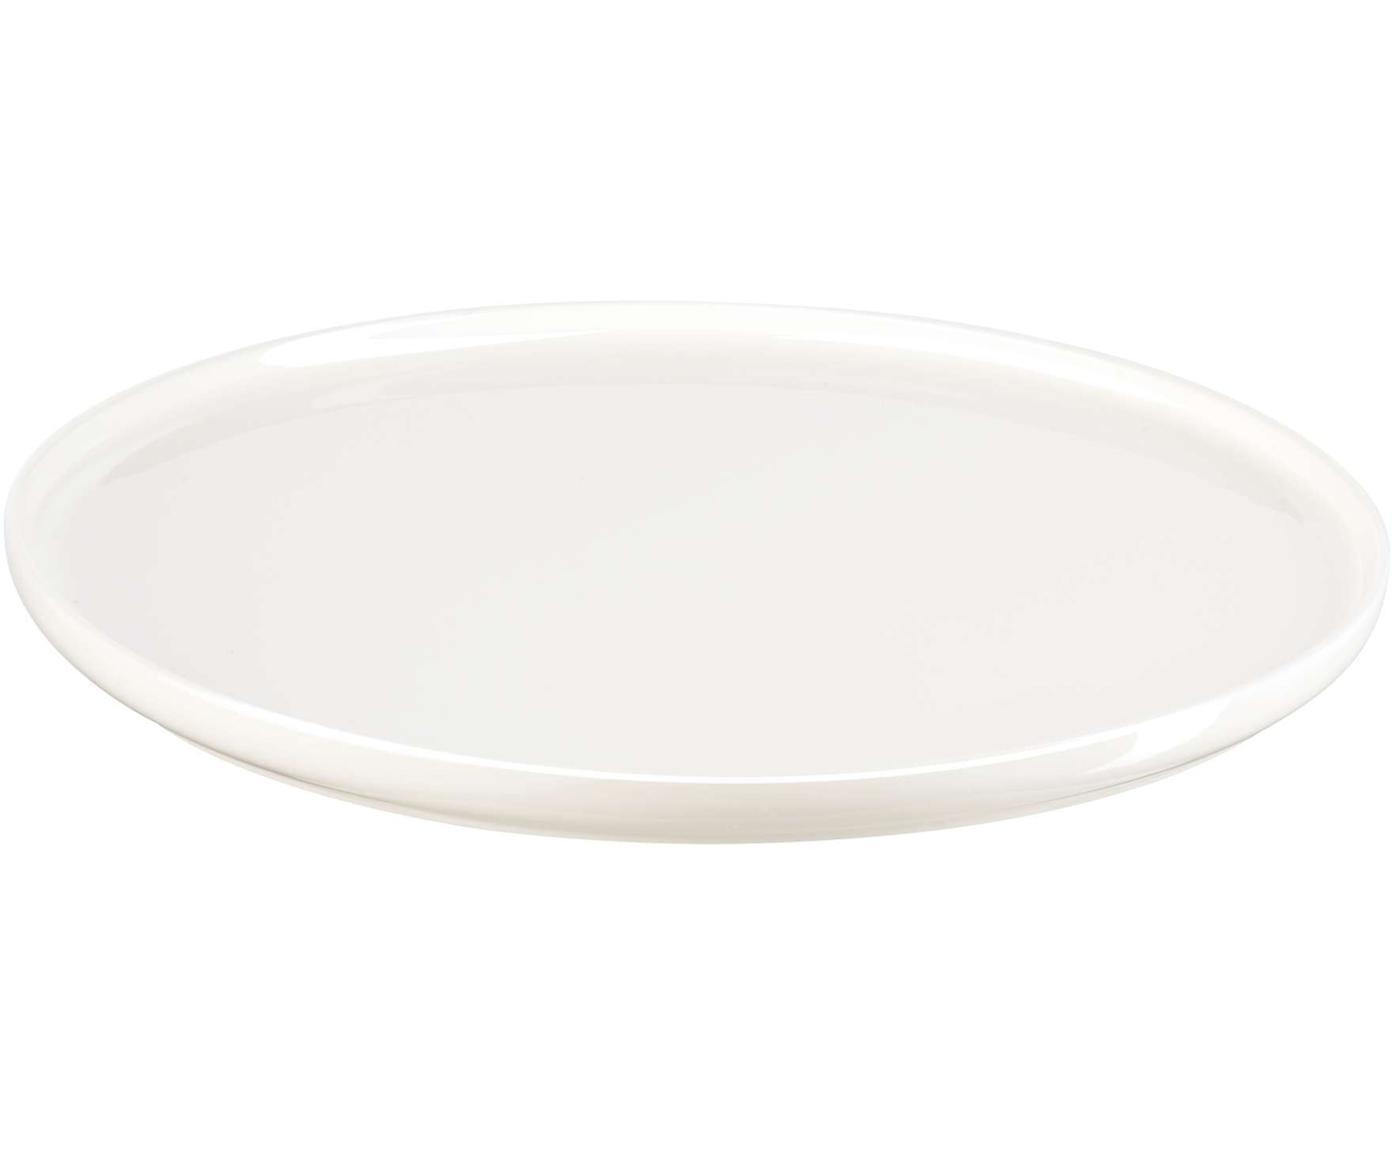 Frühstücksteller Oco, 6 Stück, Fine Bone China, Elfenbein, Ø 21 cm